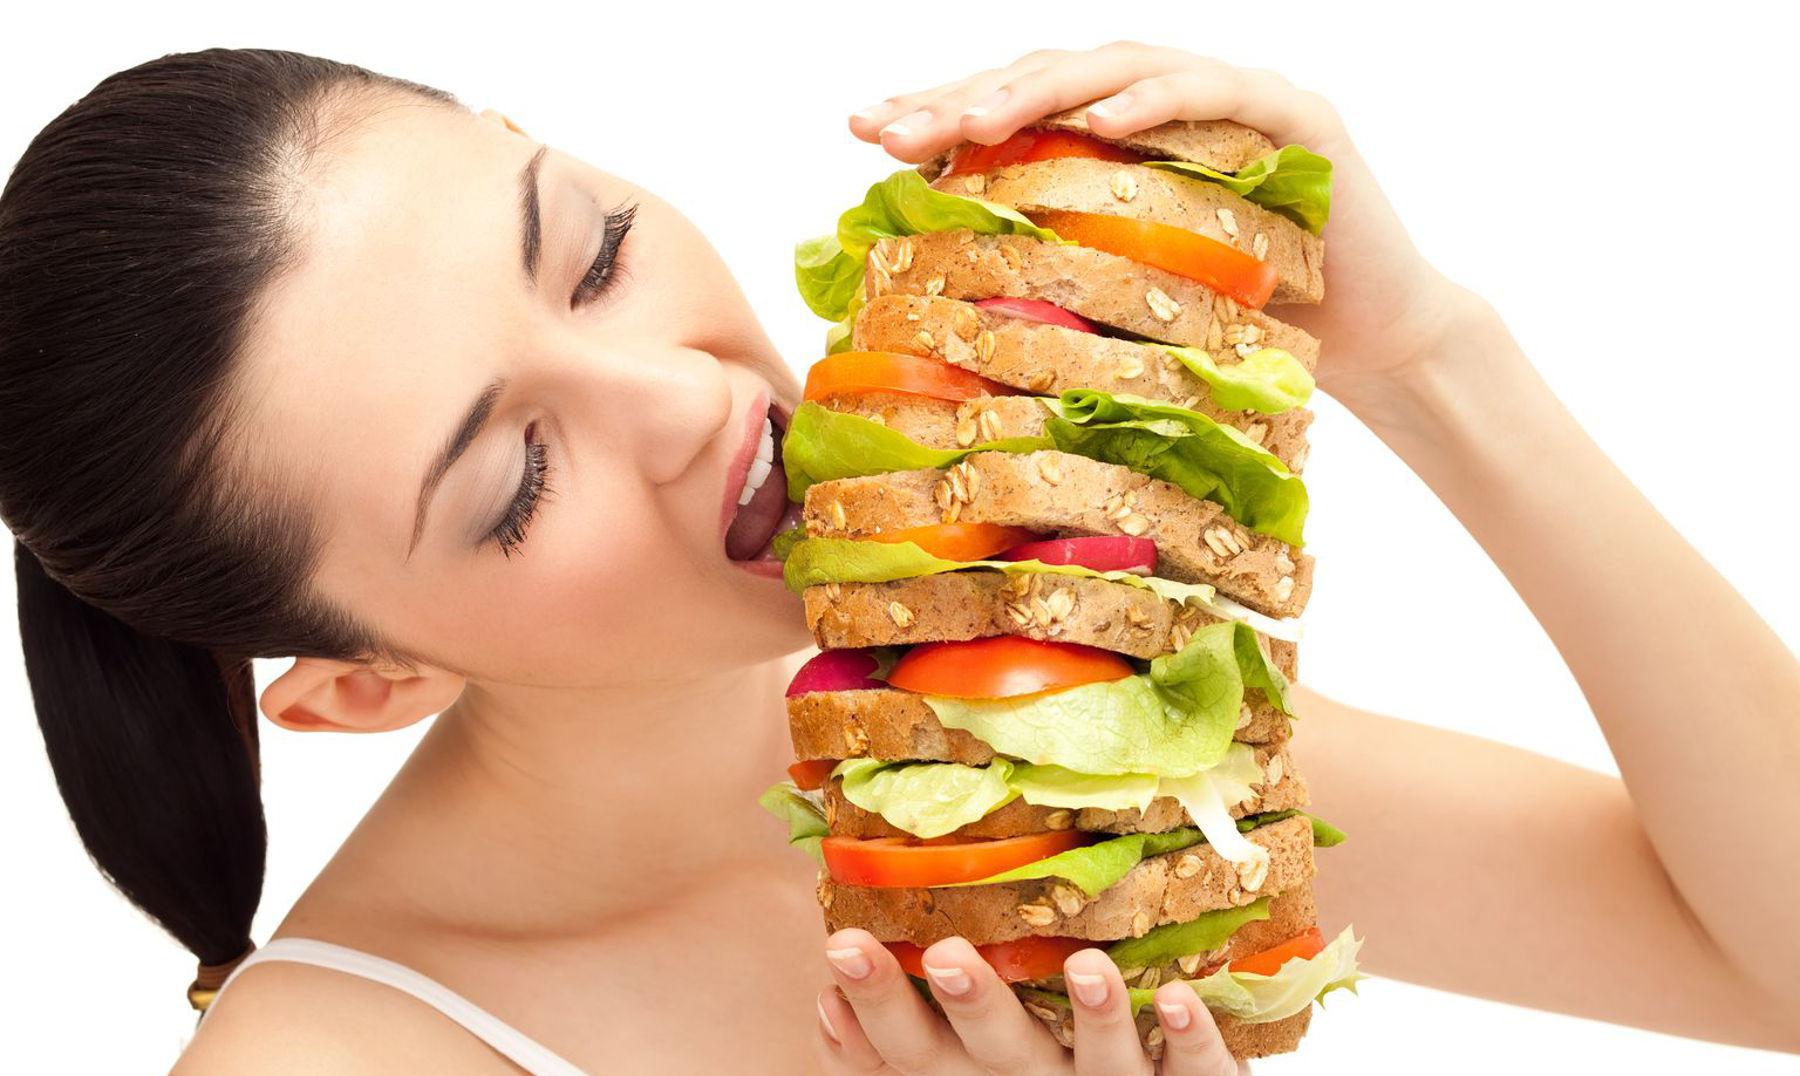 ¿Por qué comemos comida?